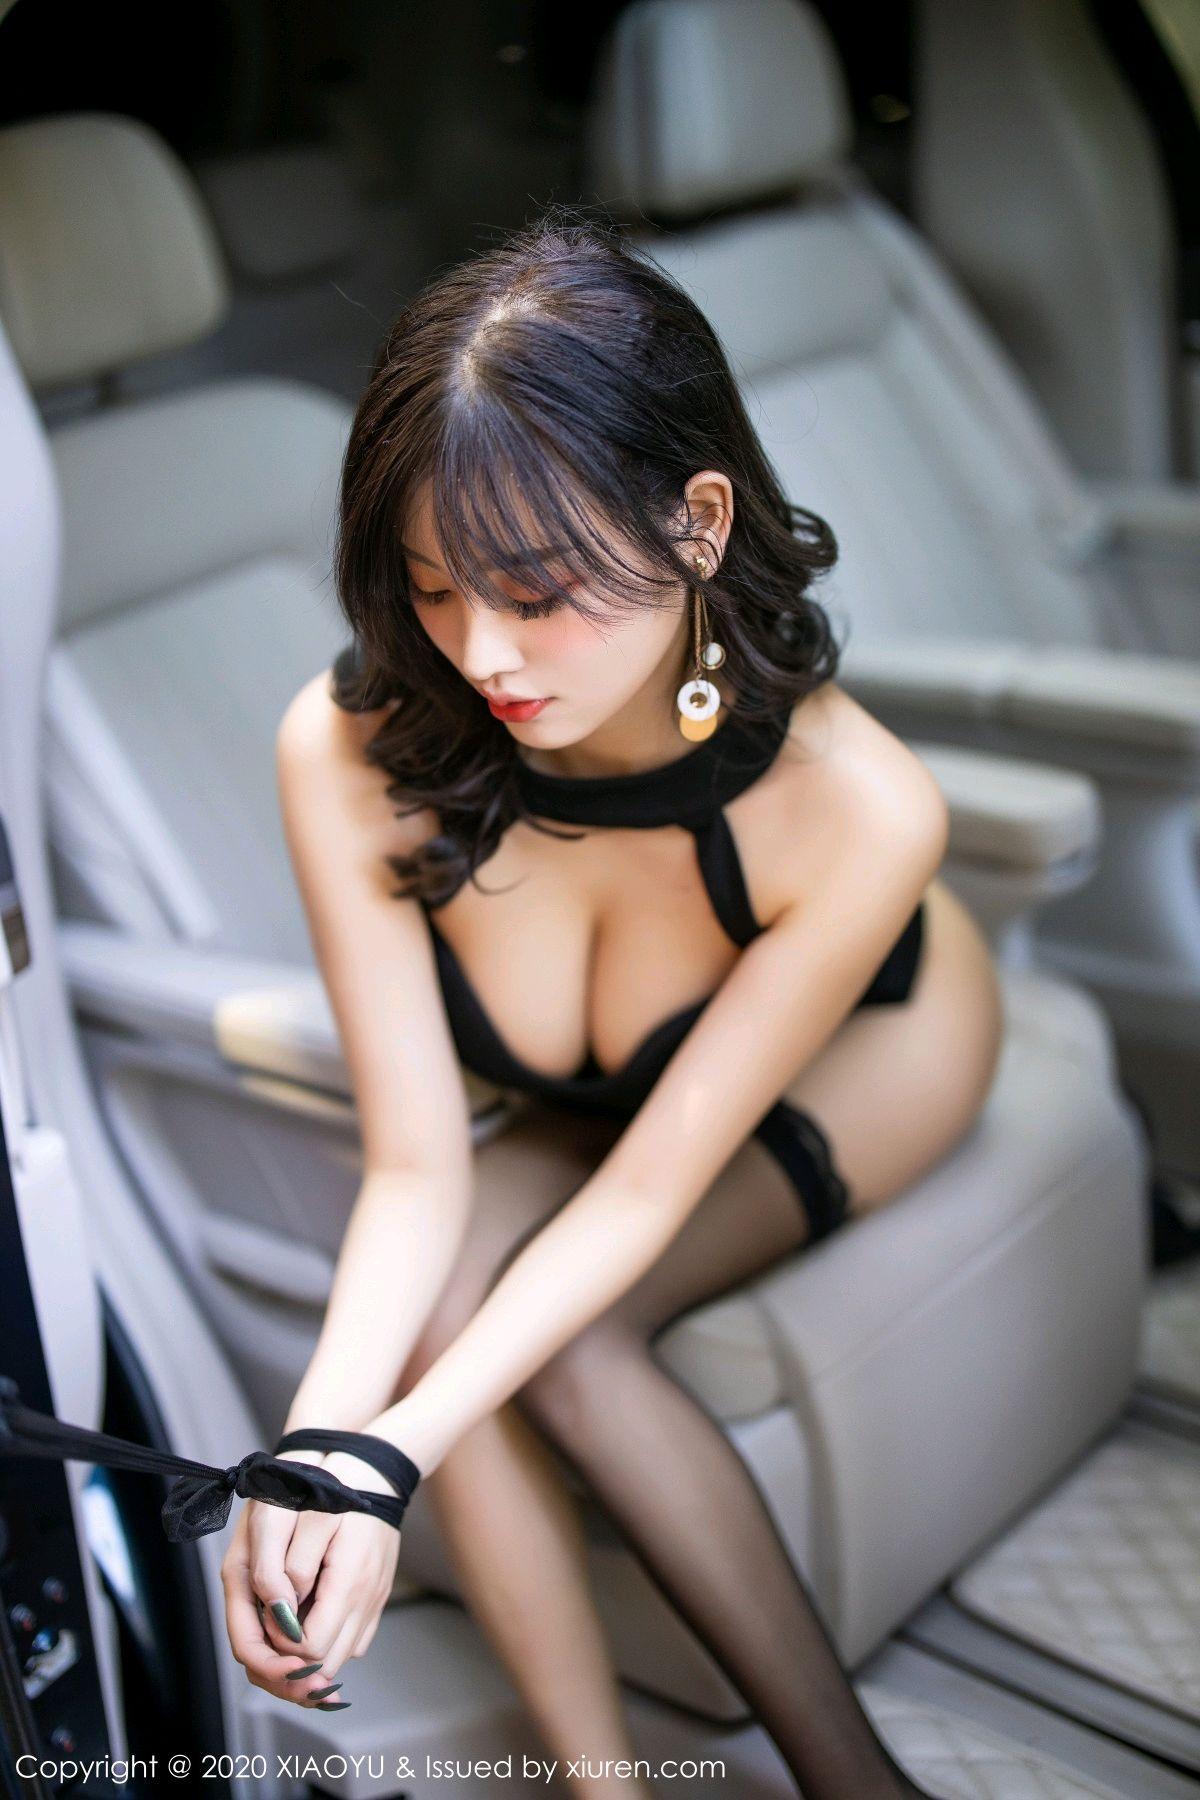 [XiaoYu] Vol.230 Yang Chen Chen 83P, Black Silk, Tall, XiaoYu, Yang Chen Chen